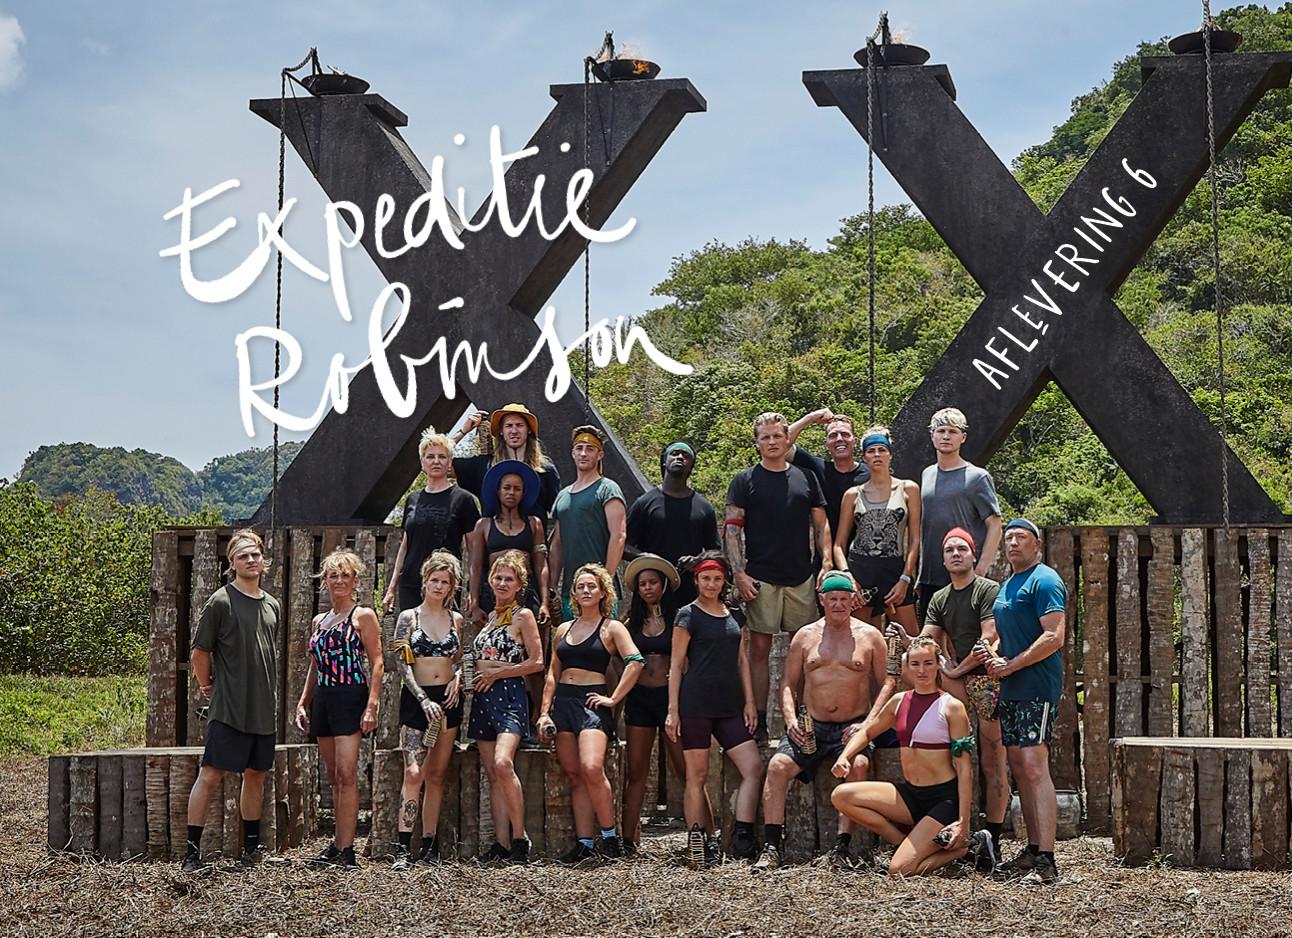 de groepsfoto van het tv programma Expeditie Robinson